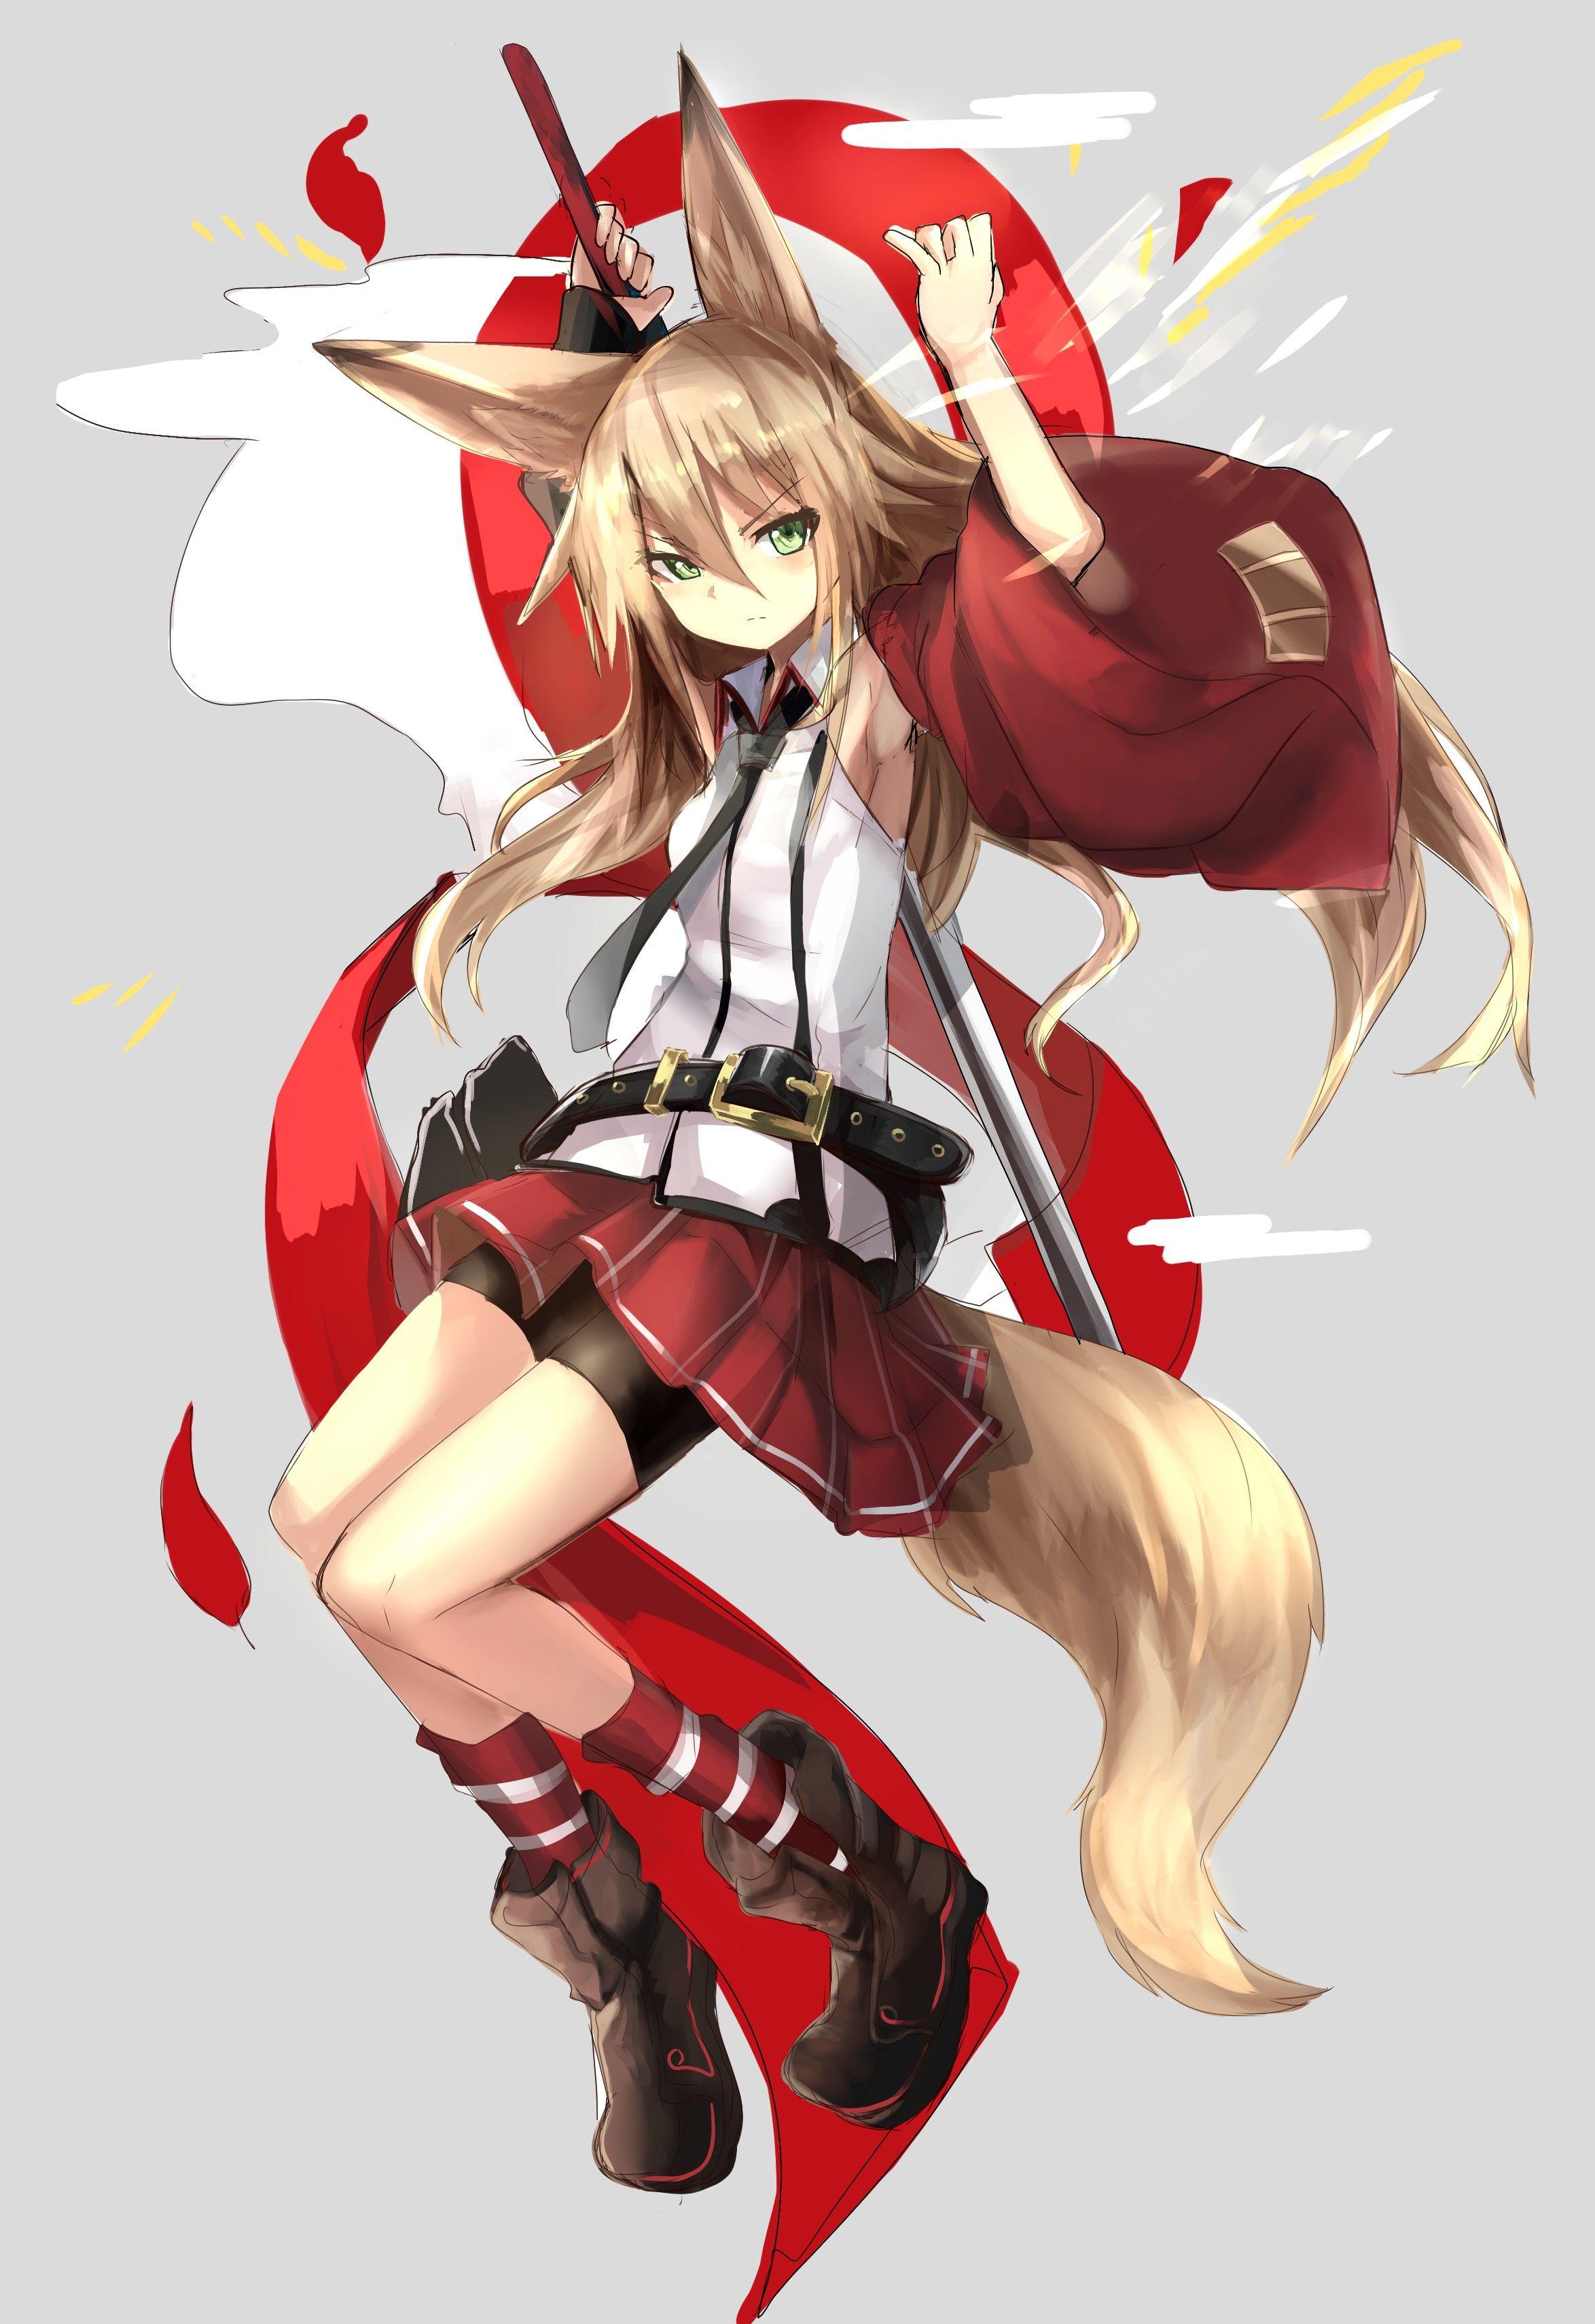 Anime Fox Girl Wallpaper